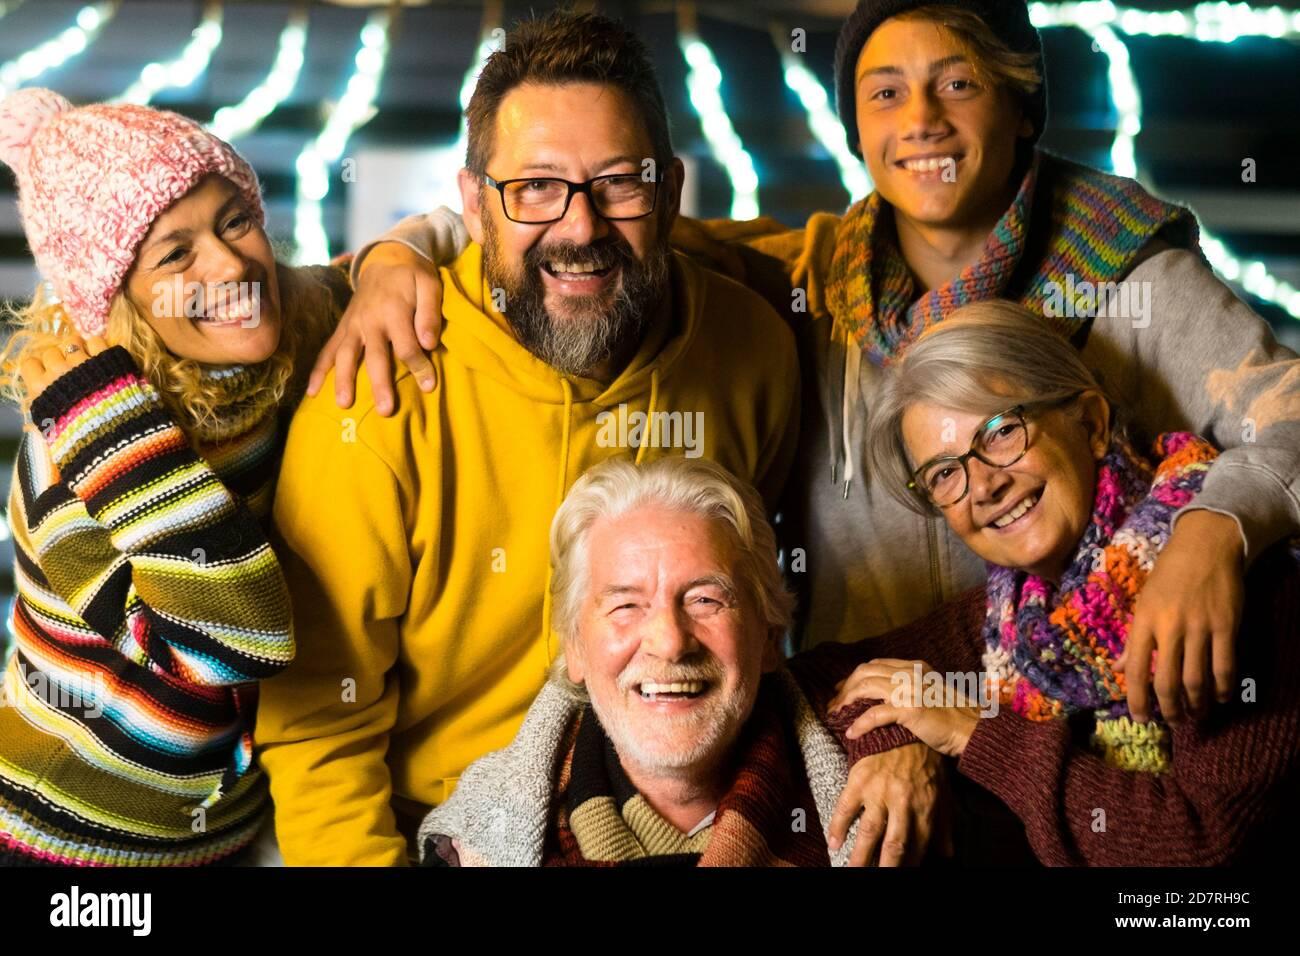 Les familles des caucasiens heureux fêtent ensemble la Saint-Sylvestre amusant - joyeux mied générations d'années profiter de la fête par nuit en hiver Banque D'Images